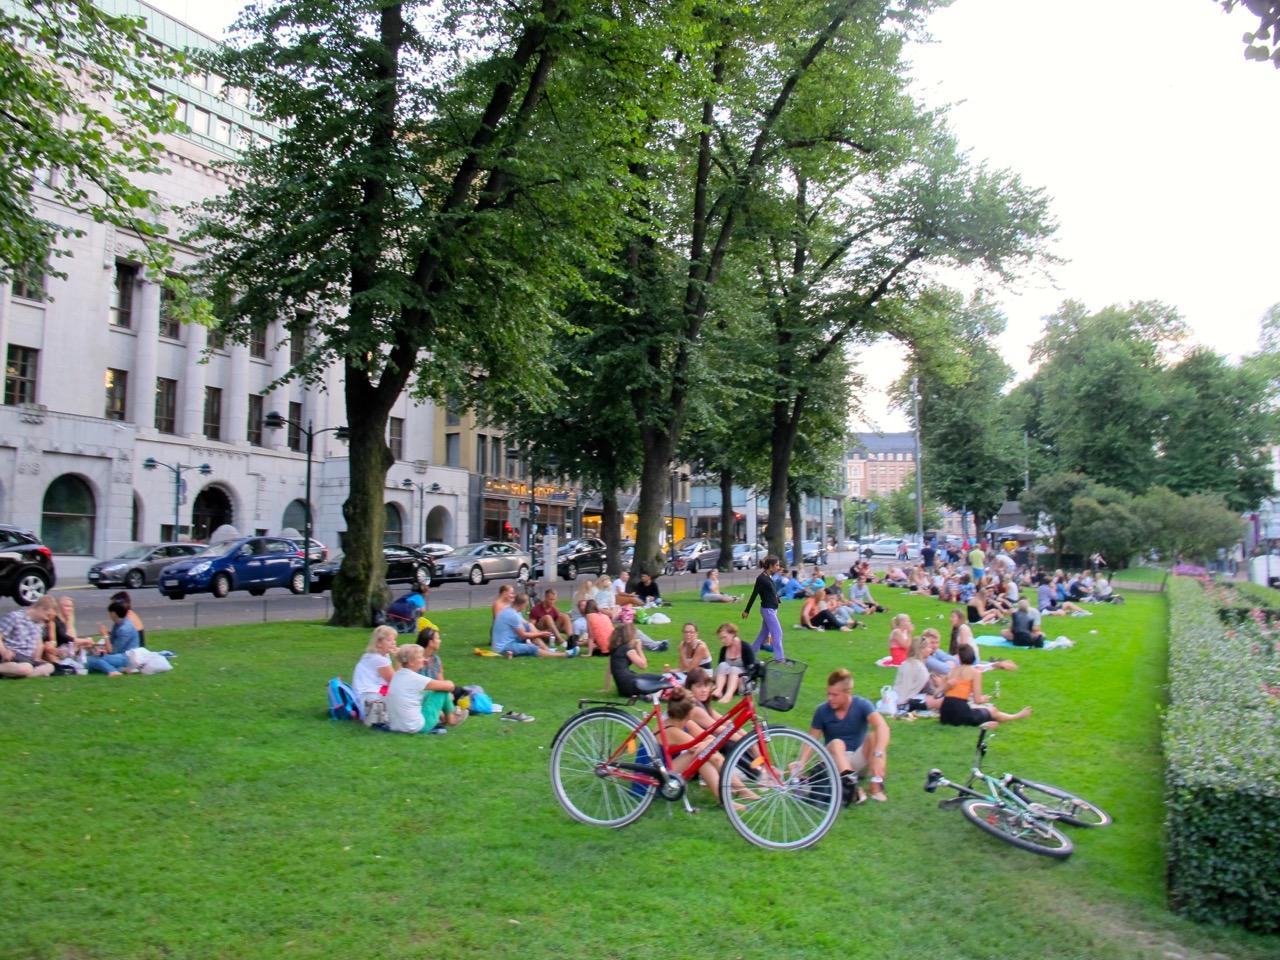 Hunderte von Menschen bevölkern den Esplanade Park.